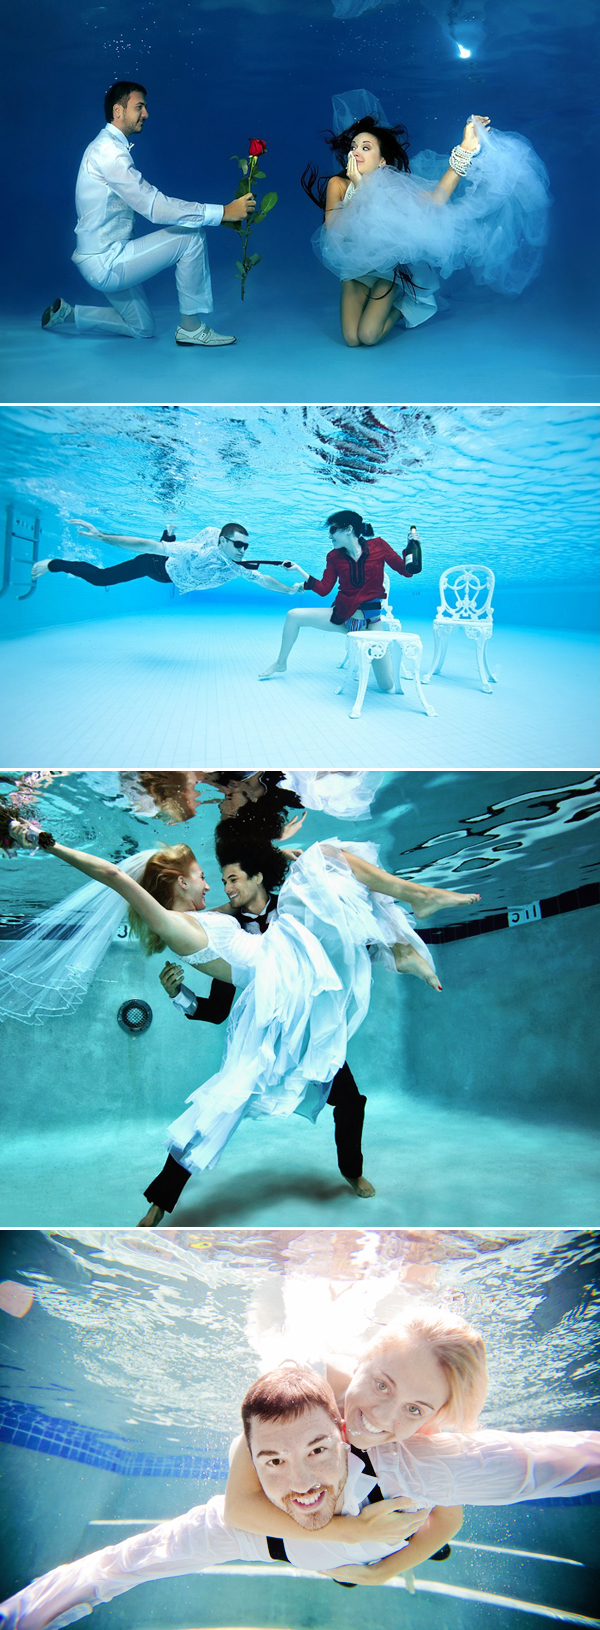 underwater02-fun